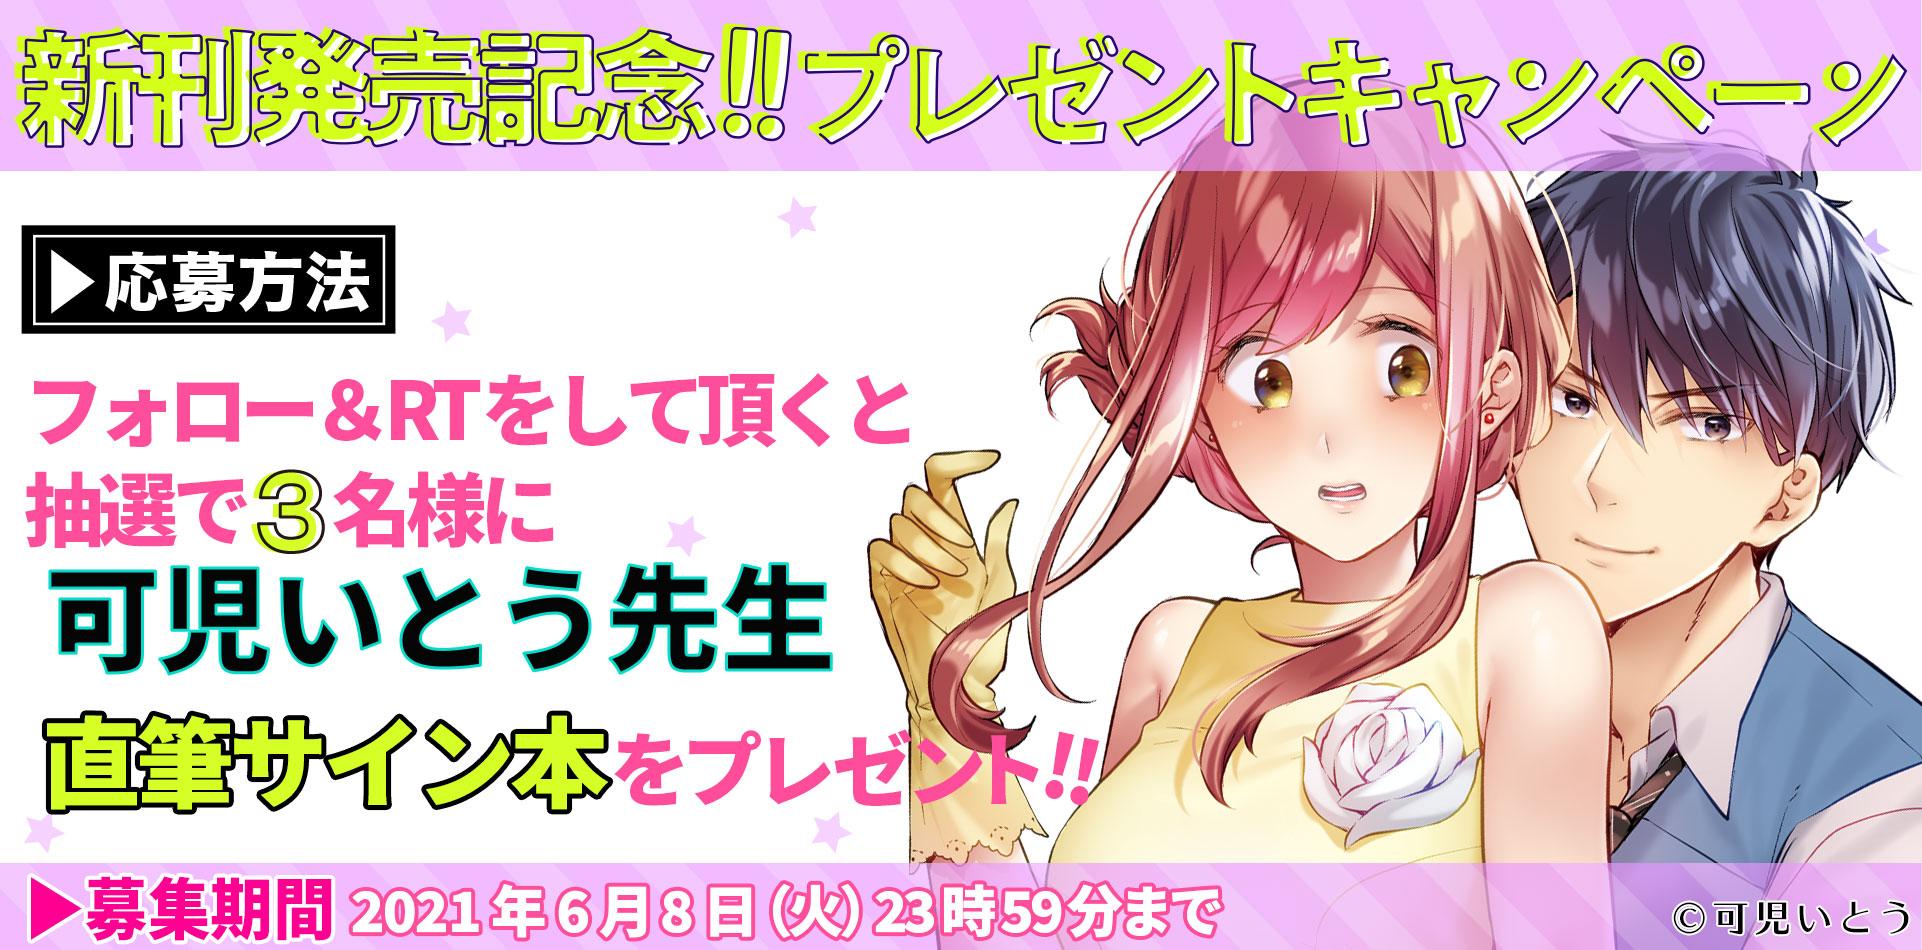 【新刊発売記念プレゼント企画】可児いとう先生 サイン入り単行本